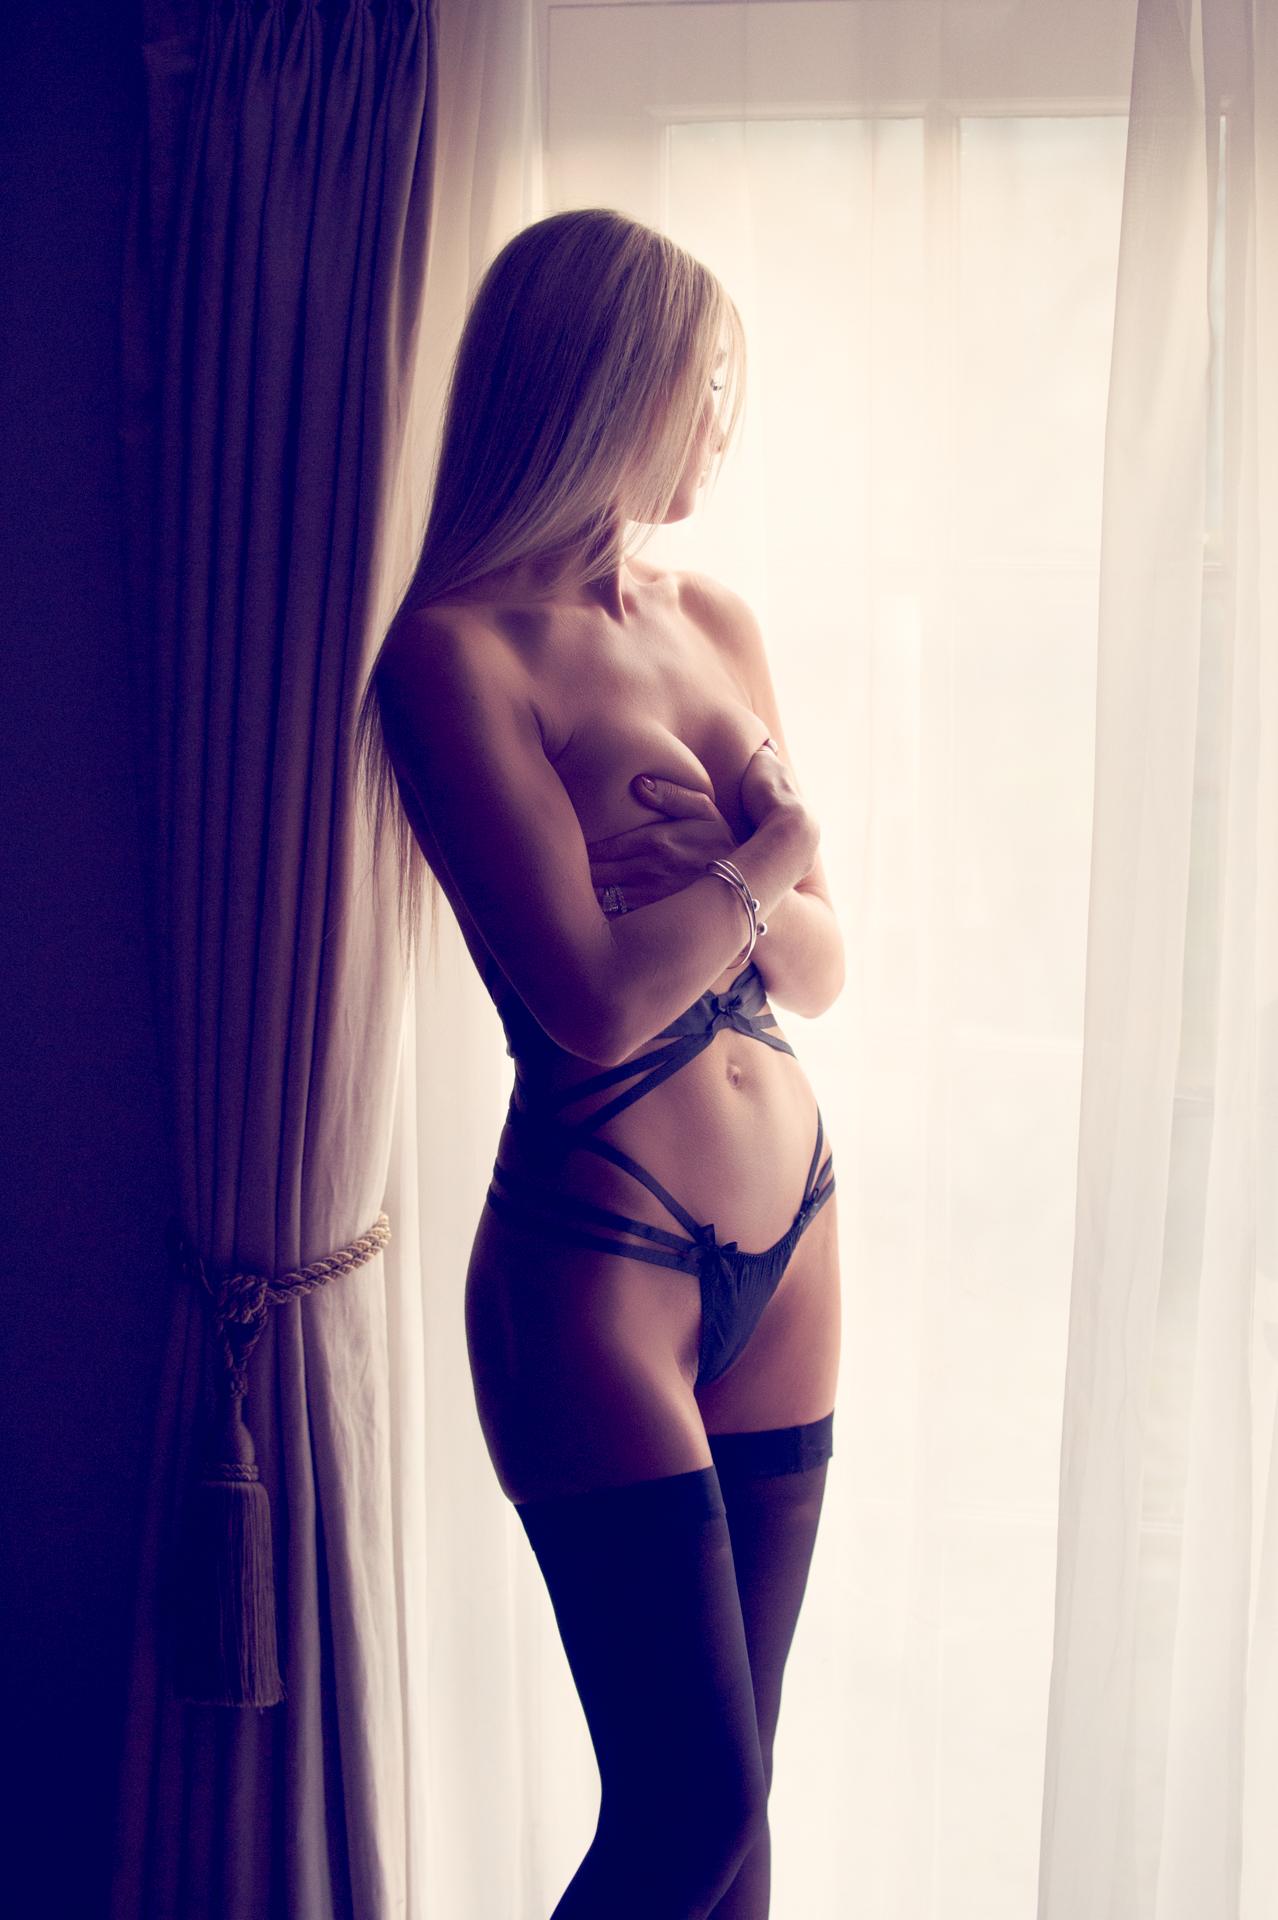 https://katehopewellsmith.com/wp-content/uploads/0003_uk_boudoir_photographer_kate_hopewell-smith.jpg